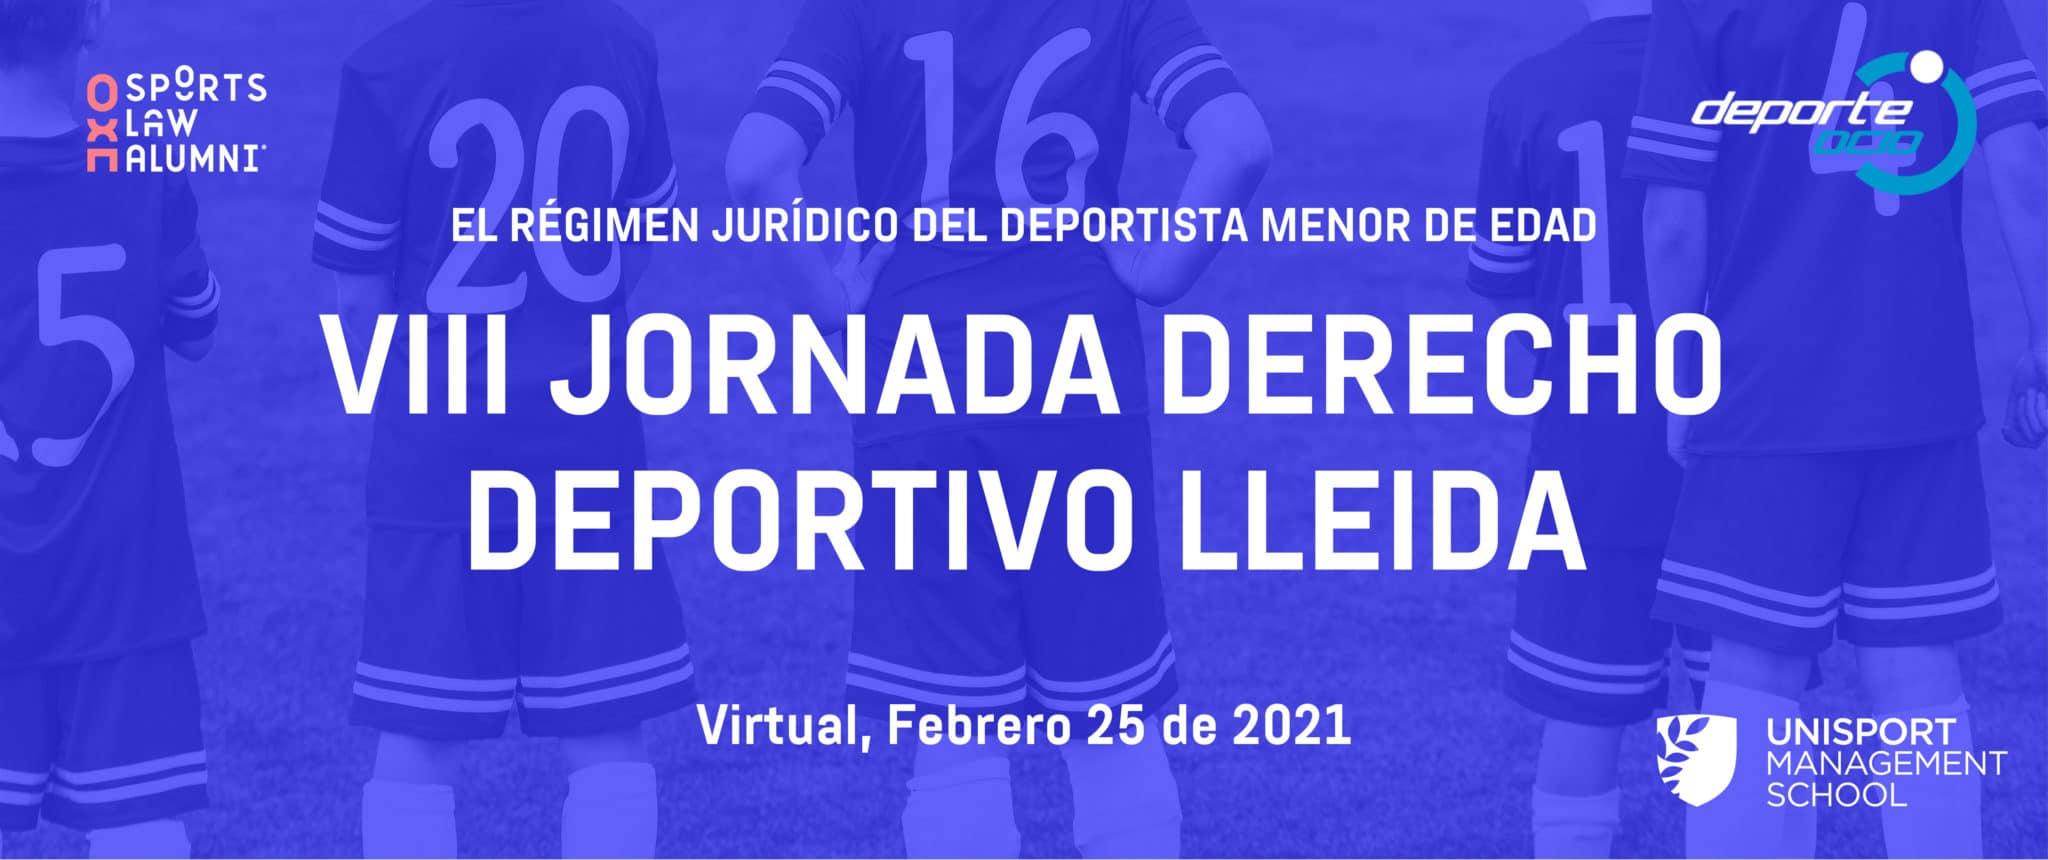 VIII Jornadas Derecho Deportivo - Unisport Management School